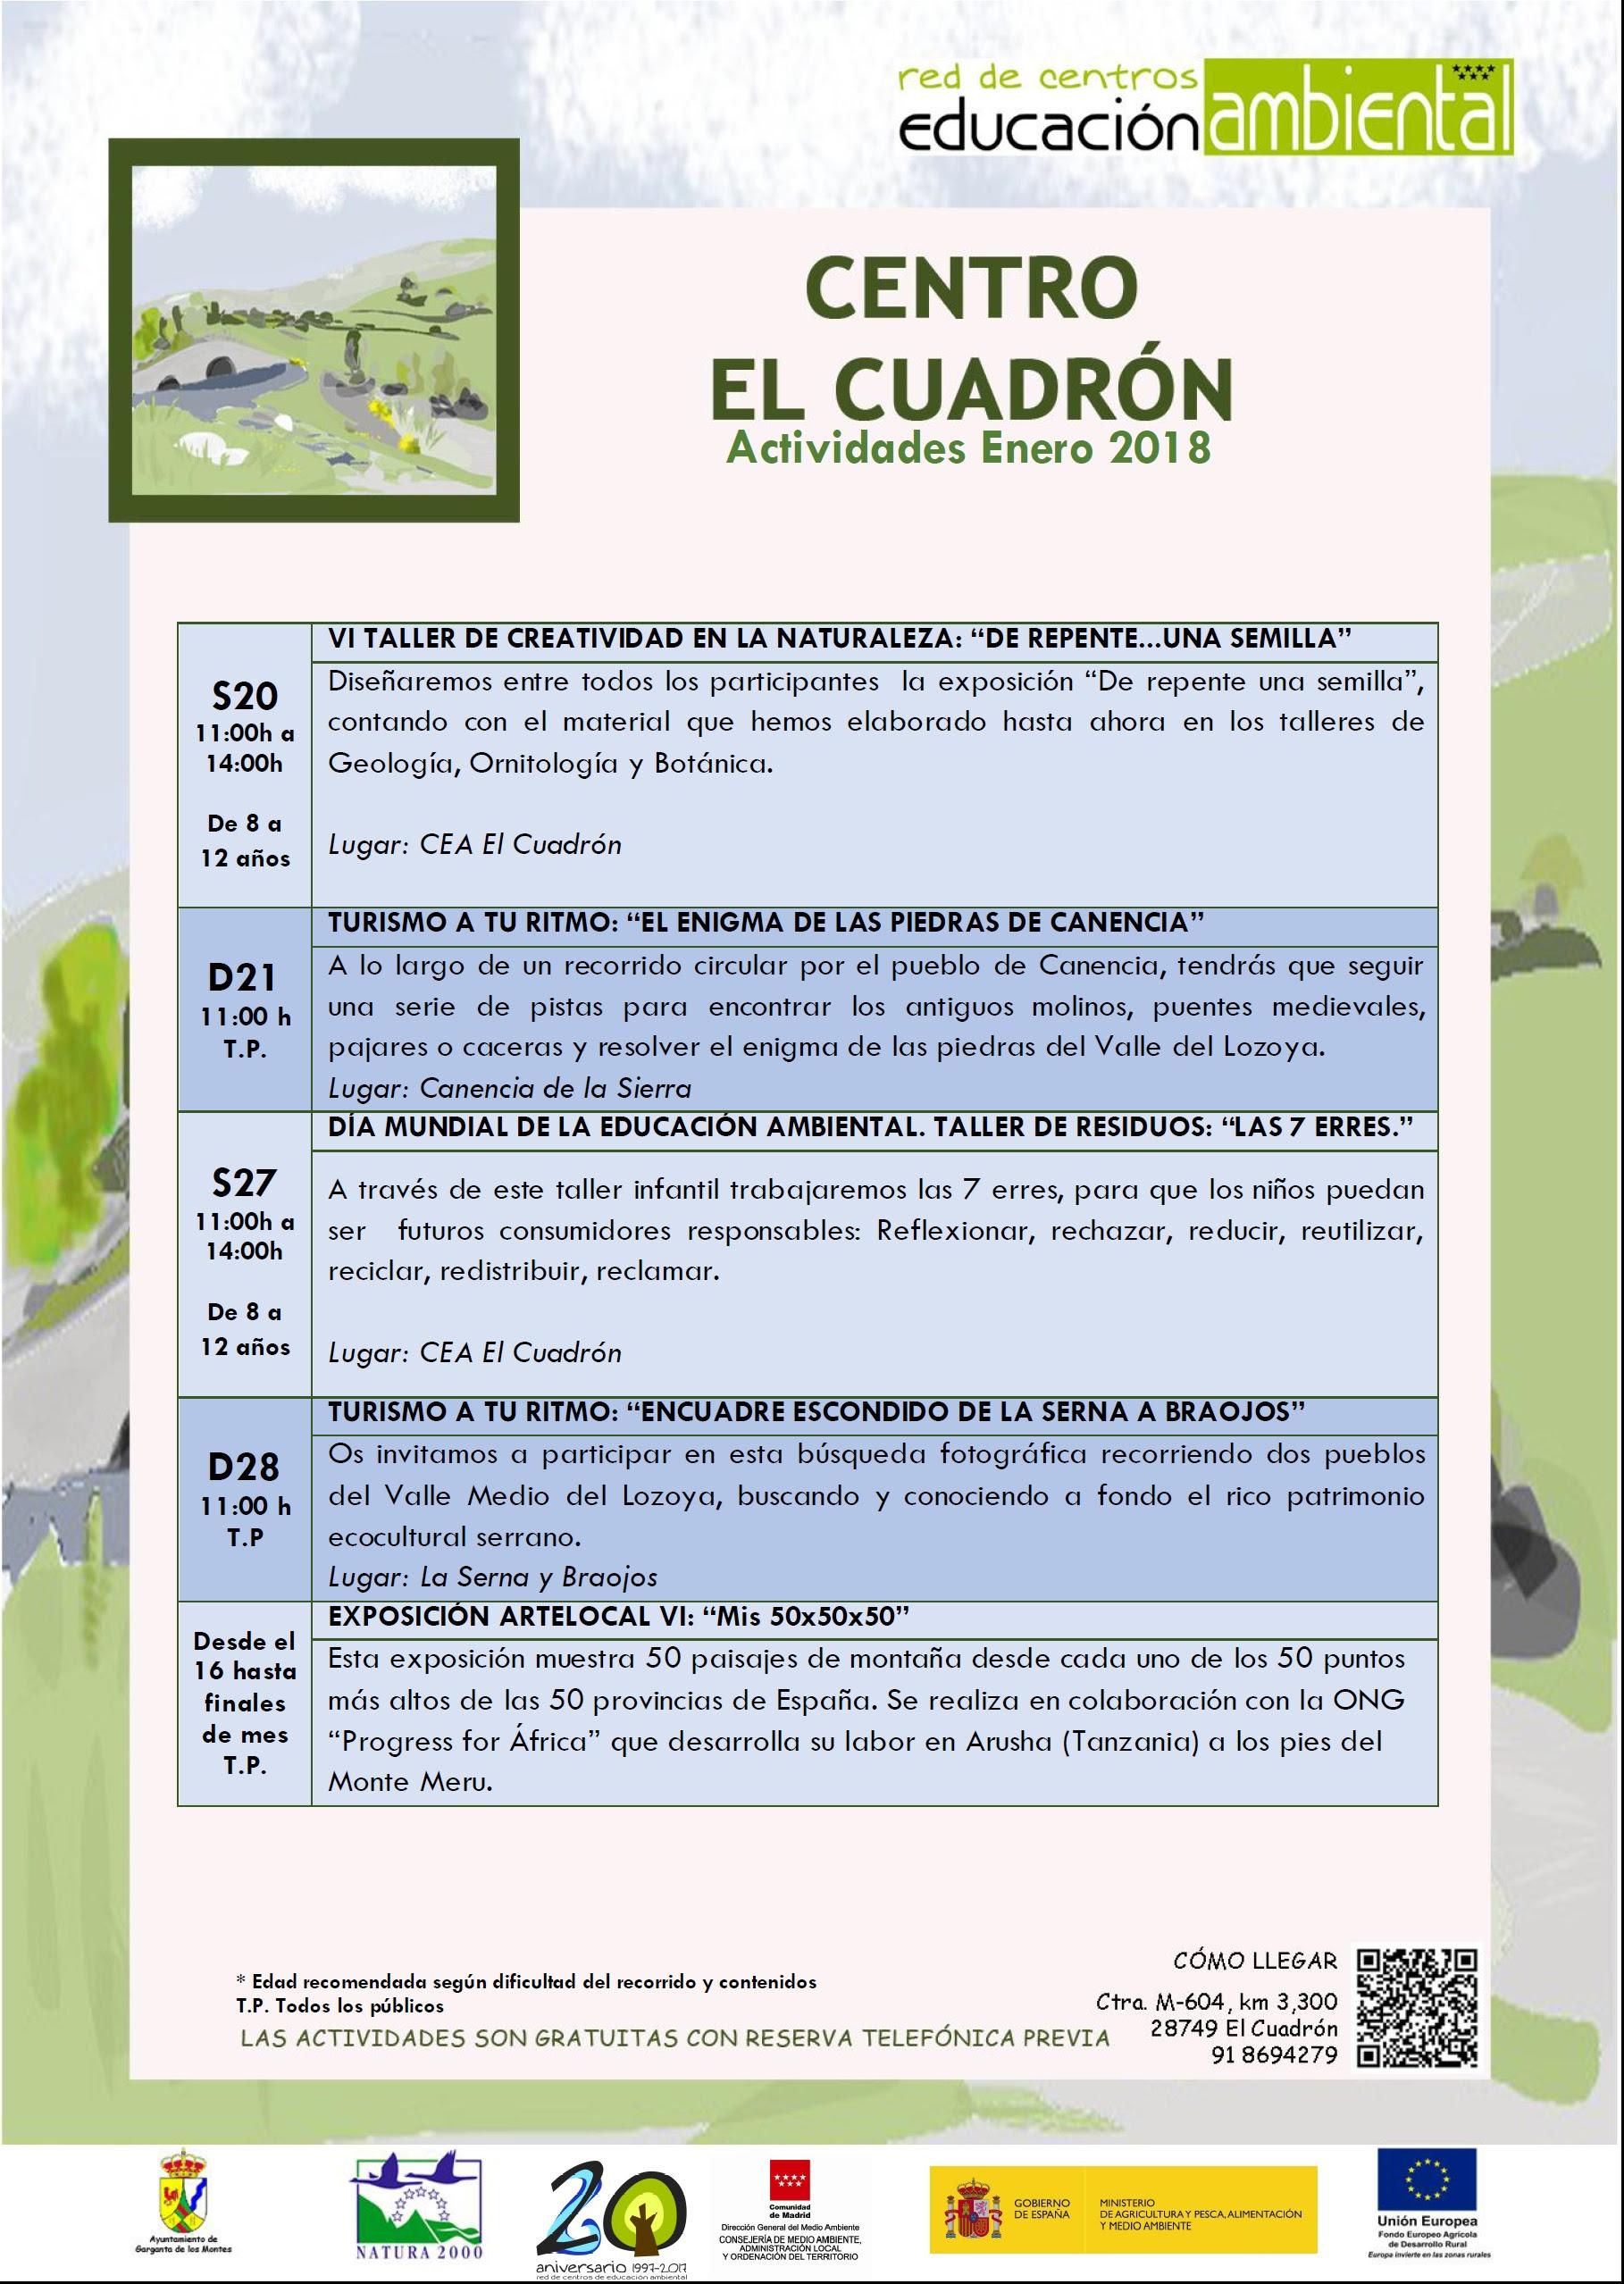 EL CUADRÓN